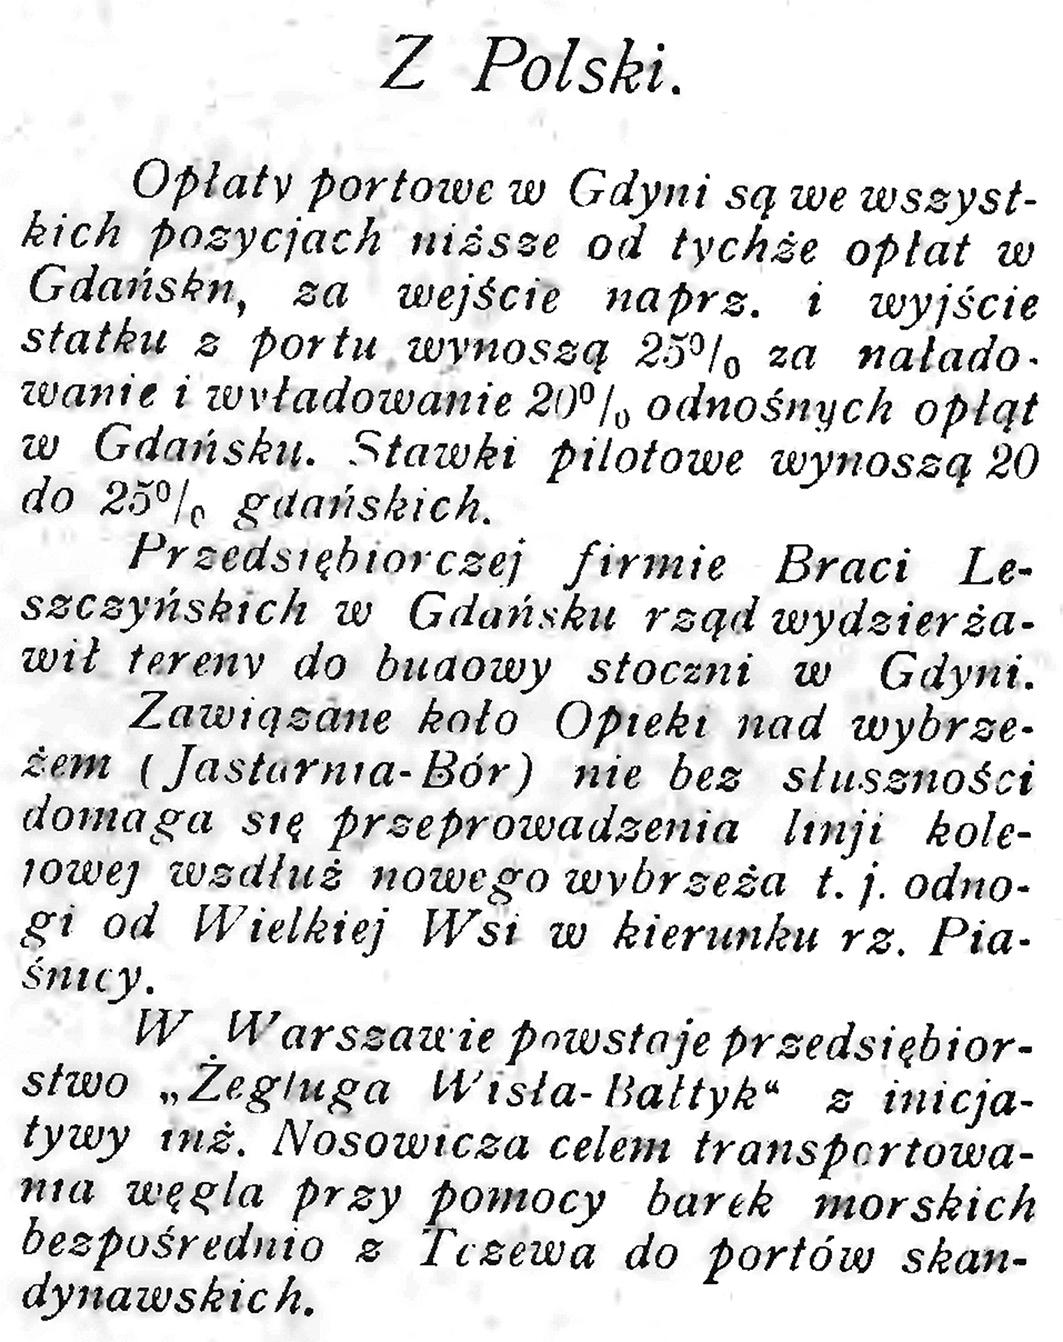 Z Polski // Morze. - 1939, nr 10, s. 14